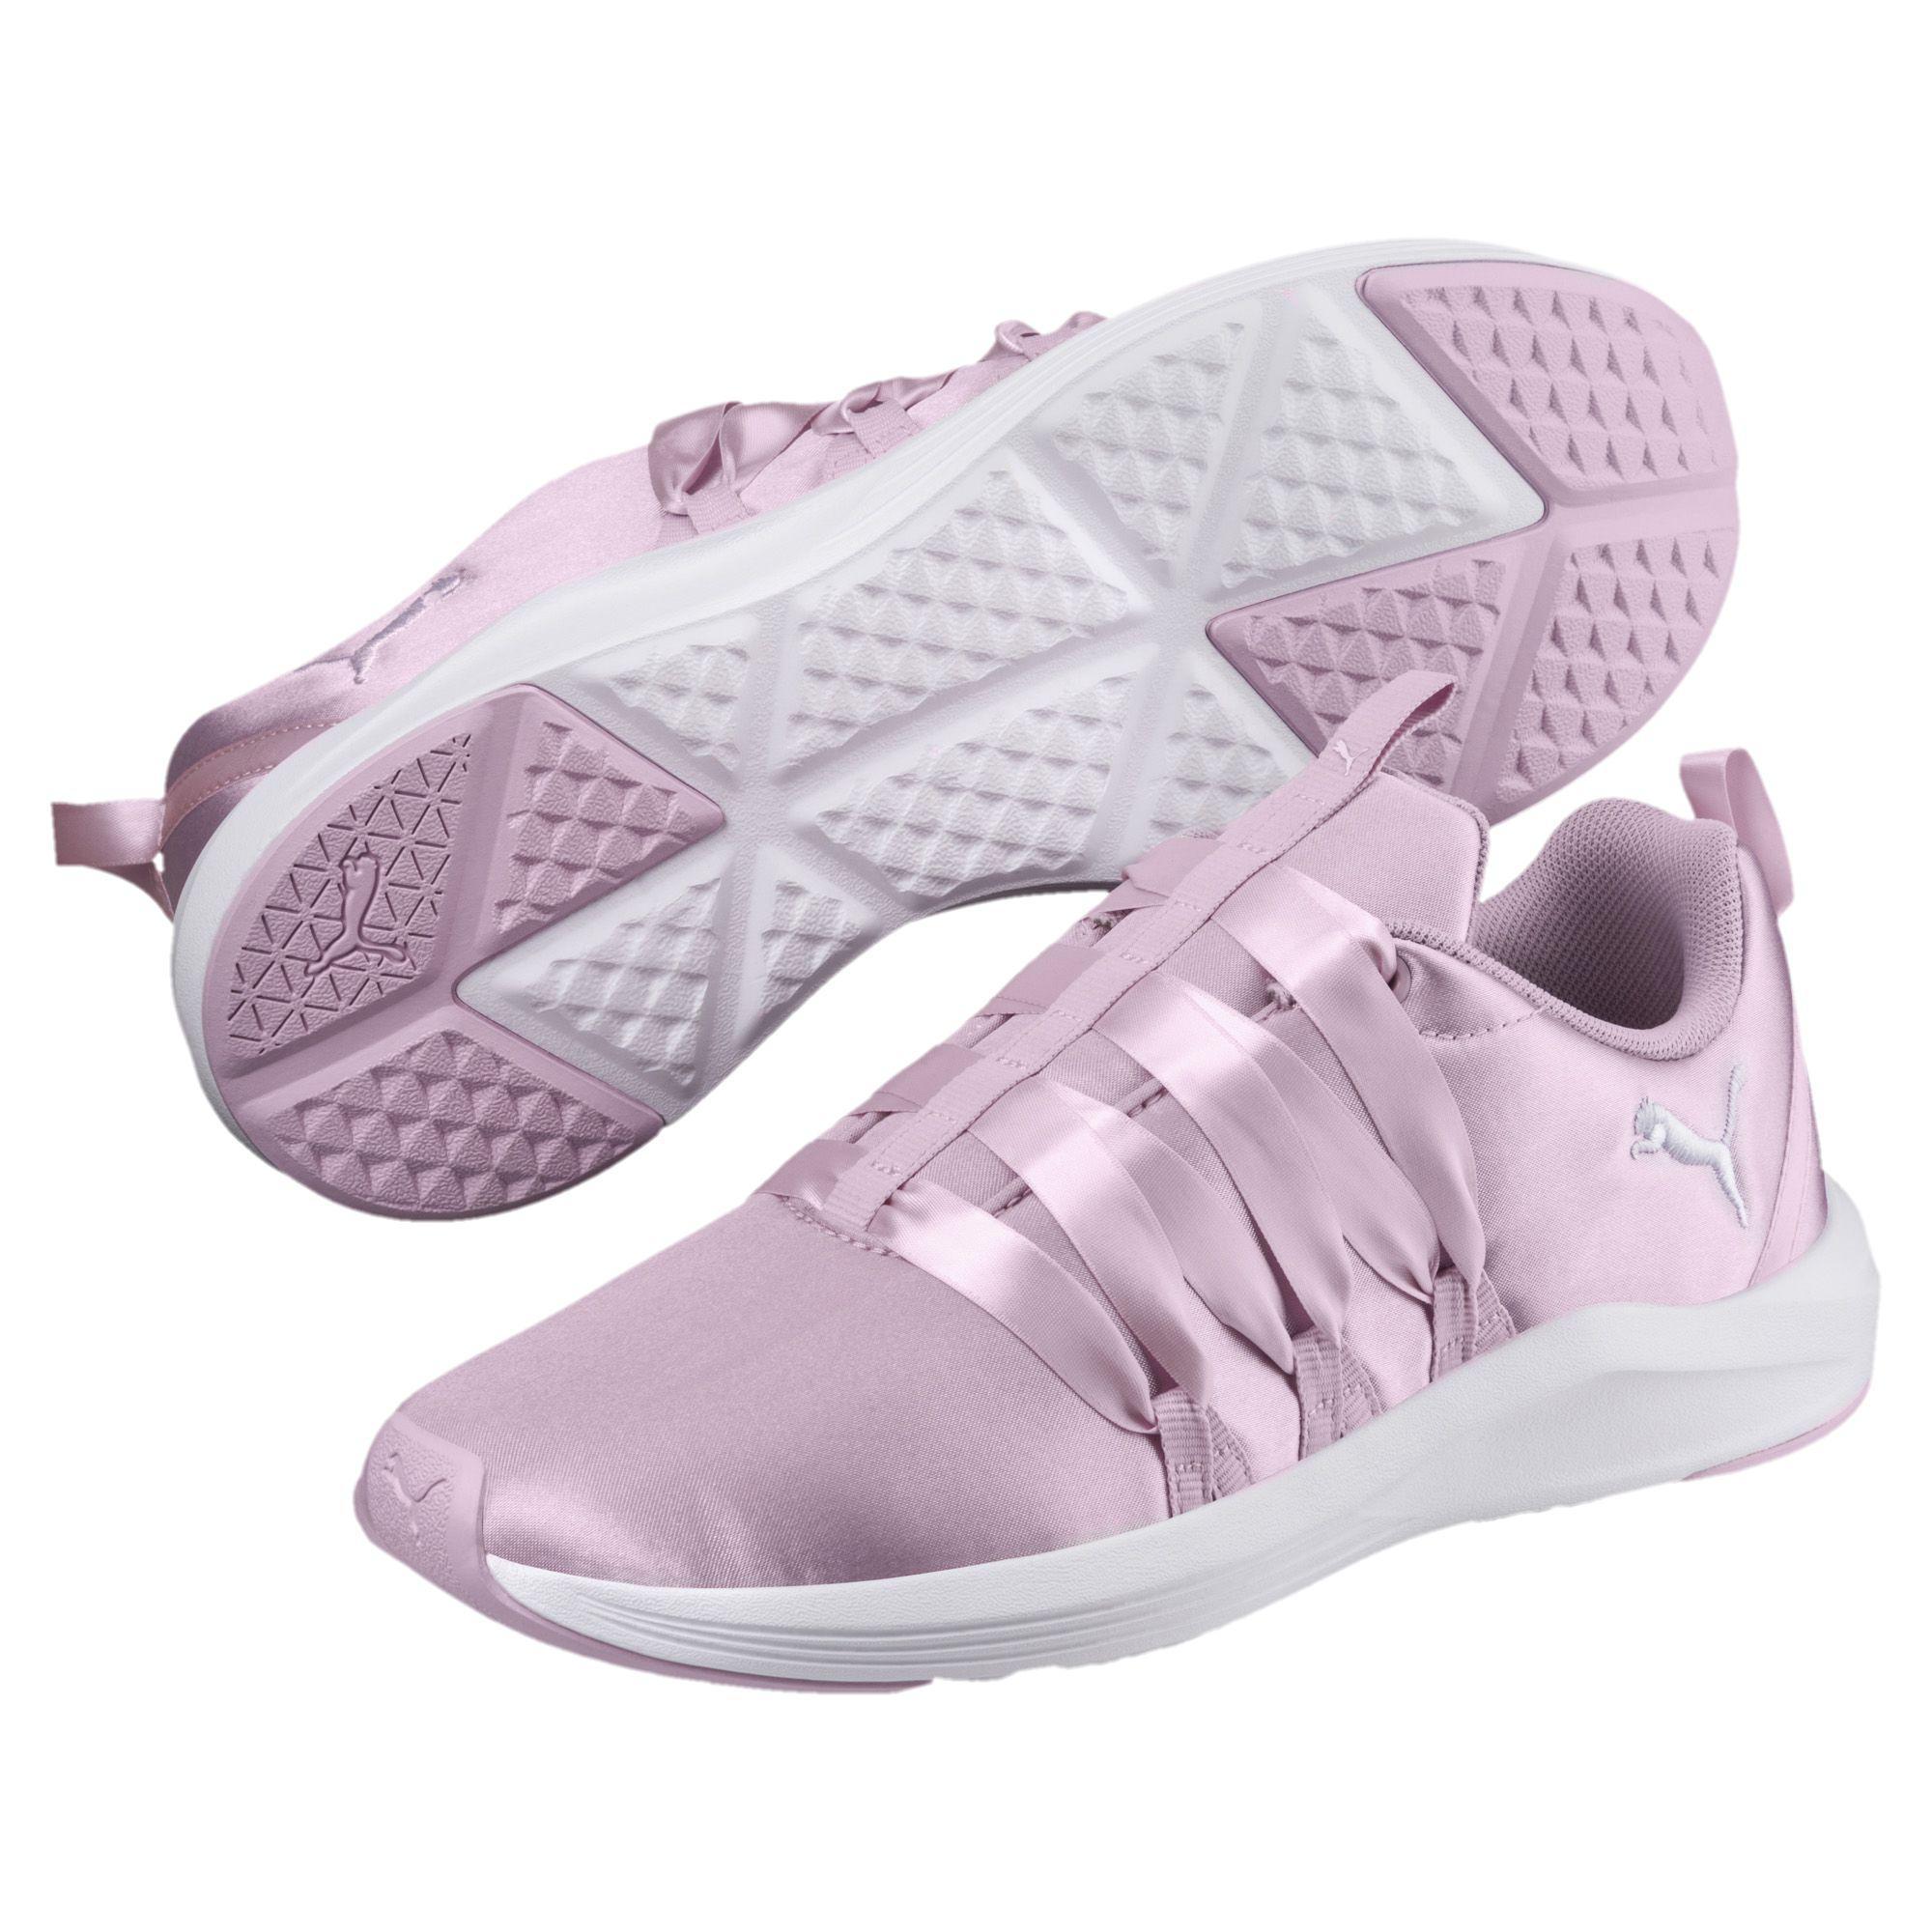 PUMA - Purple Prowl Alt Satin Women s Training Shoes - Lyst. View fullscreen 18f8b35f0